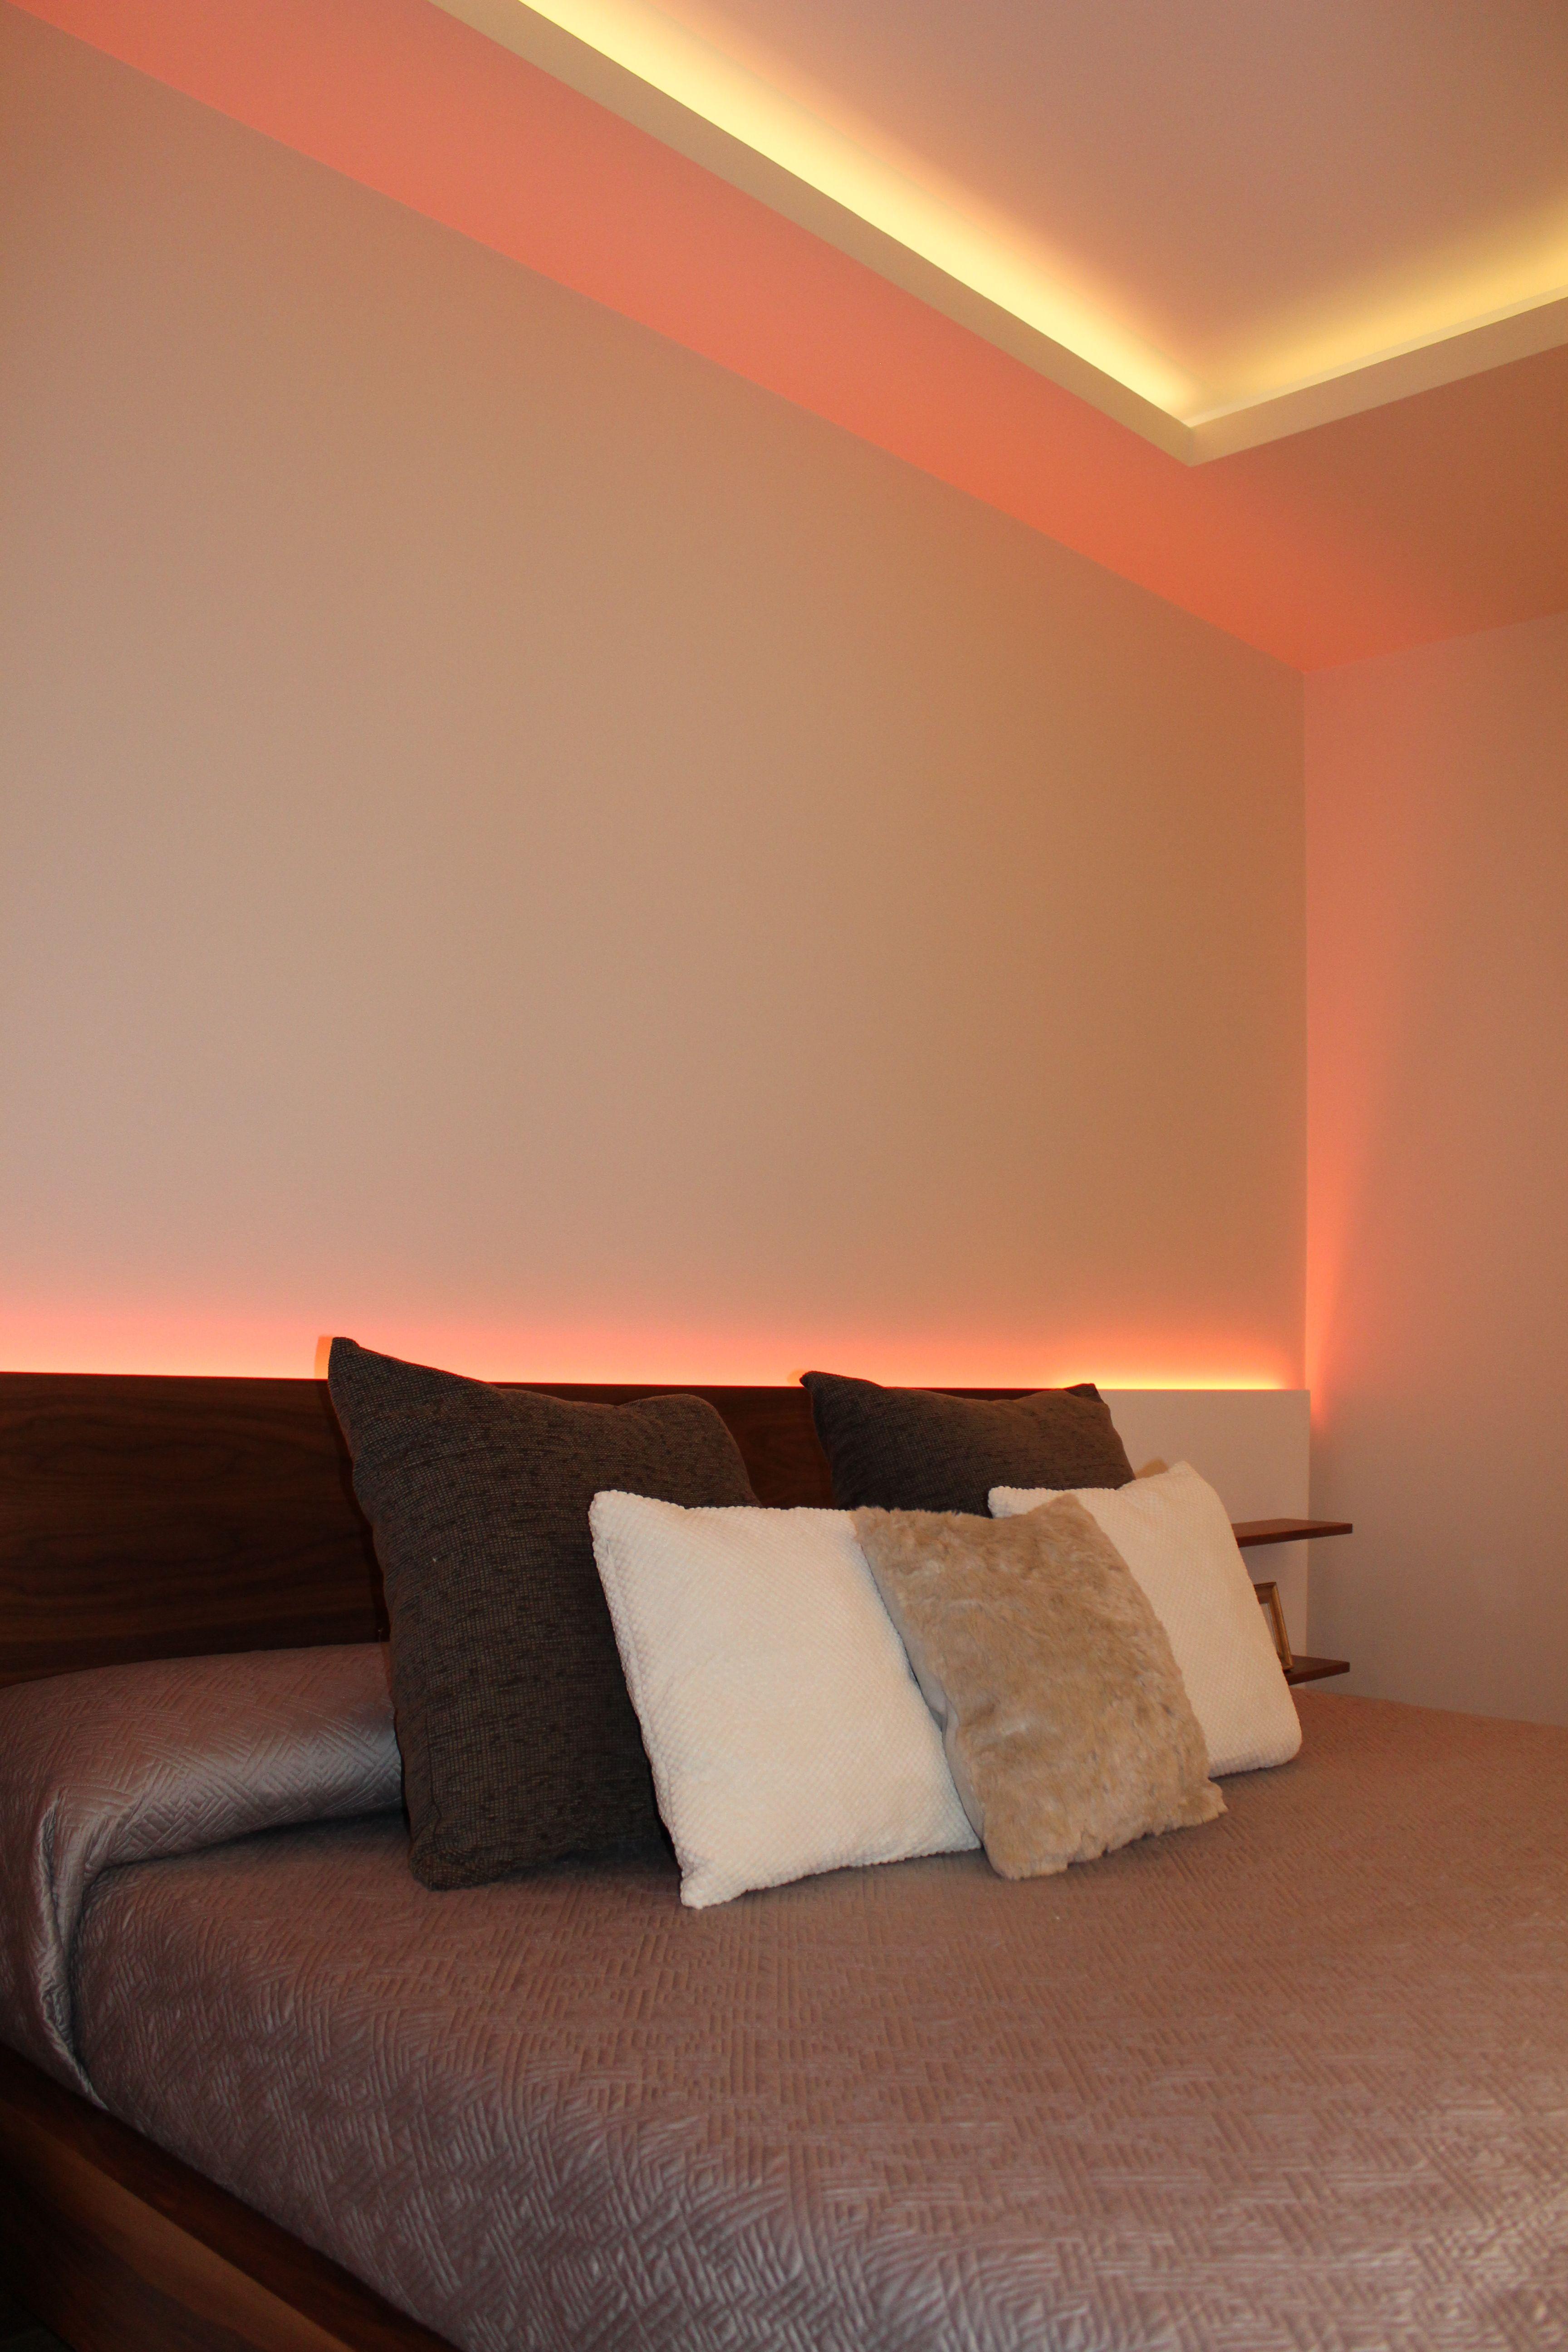 dormitorio iluminado con tiras de leds rgb en cabecero y foseado